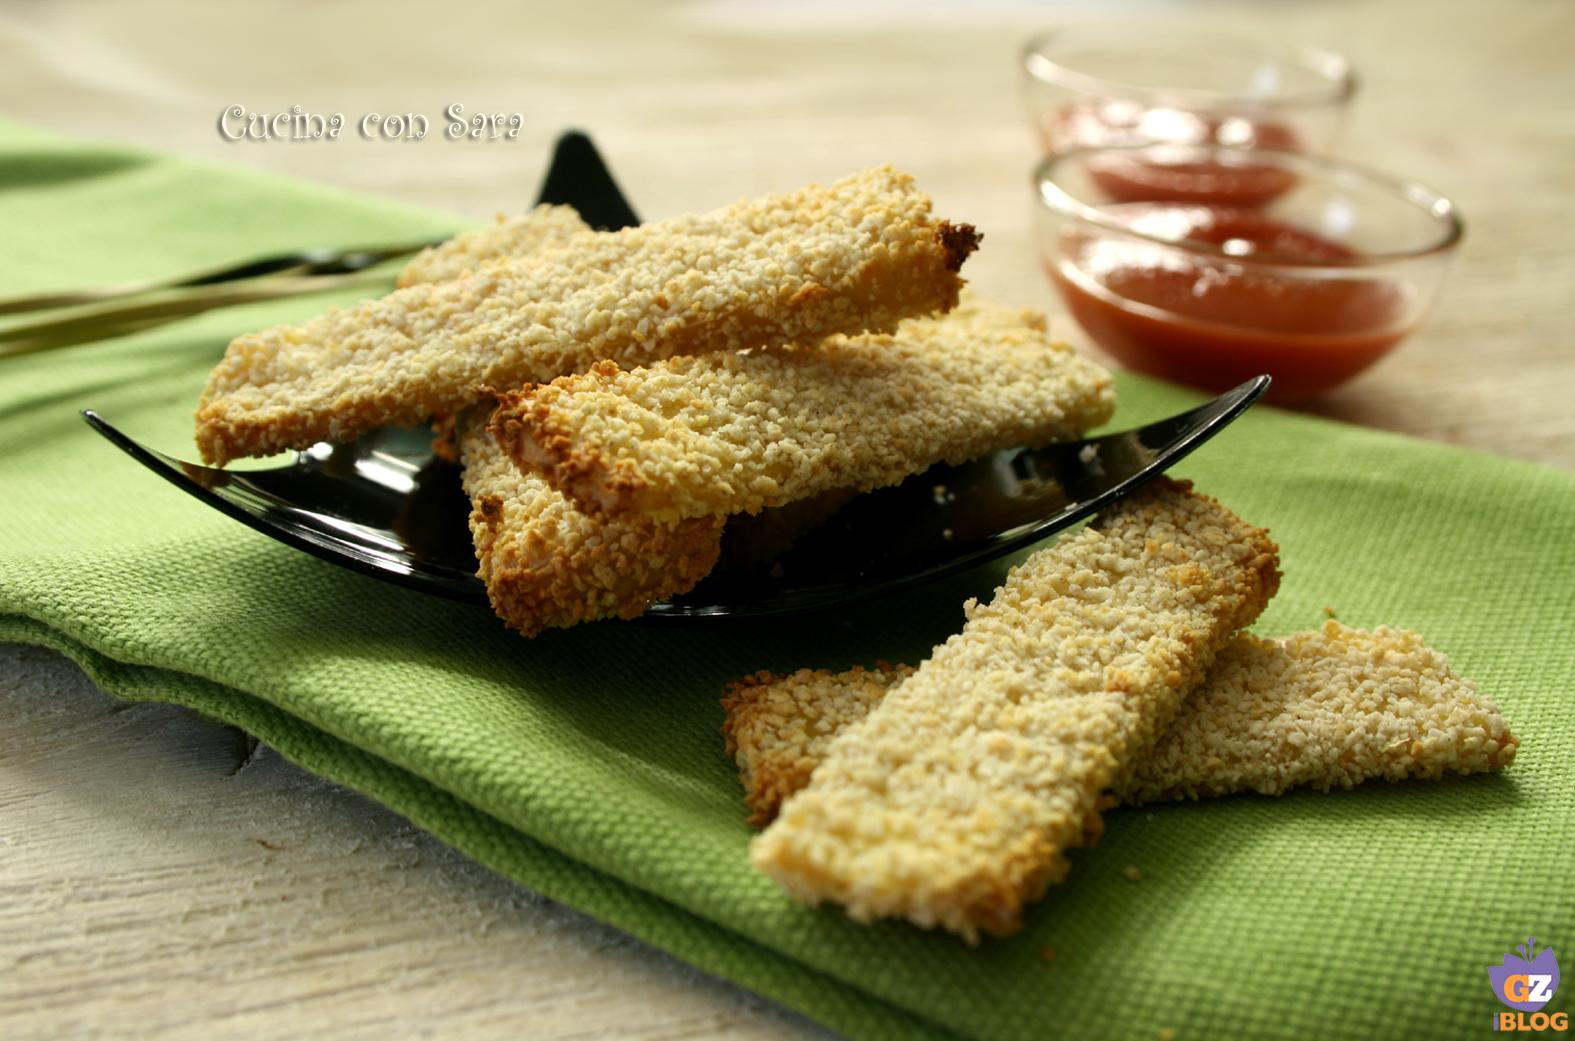 Chips di tofu ricetta, cucina con sara